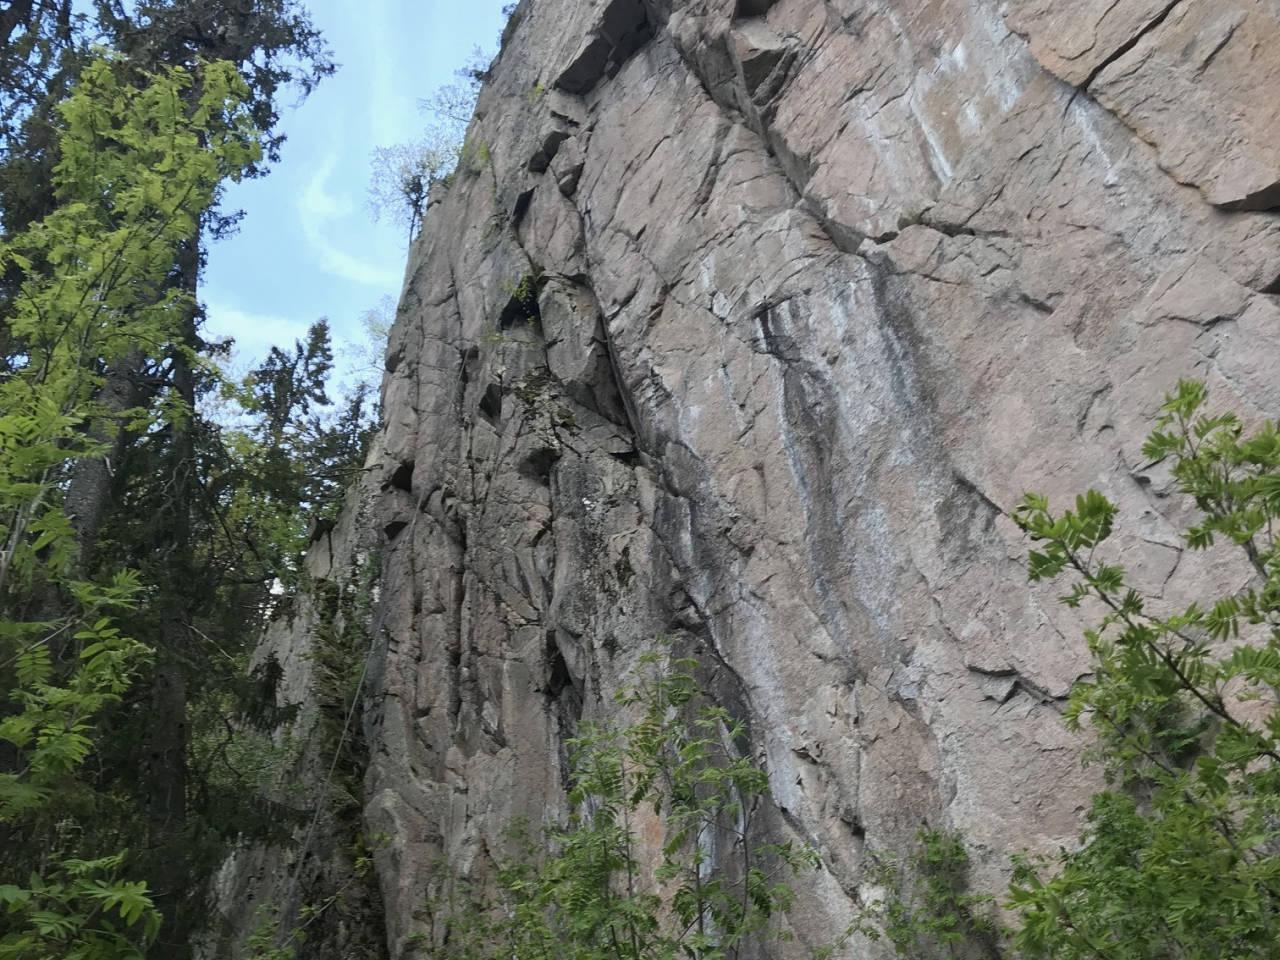 Bergflødt anneks er en vegg på 35-40 meter og en med håndfull ruter og en håndfull prosjekter, særlig i venstre del, på veggen et par hundre meter før og sør for hovedveggen Bergflødt i Lier. Foto: Geir Arne Bore